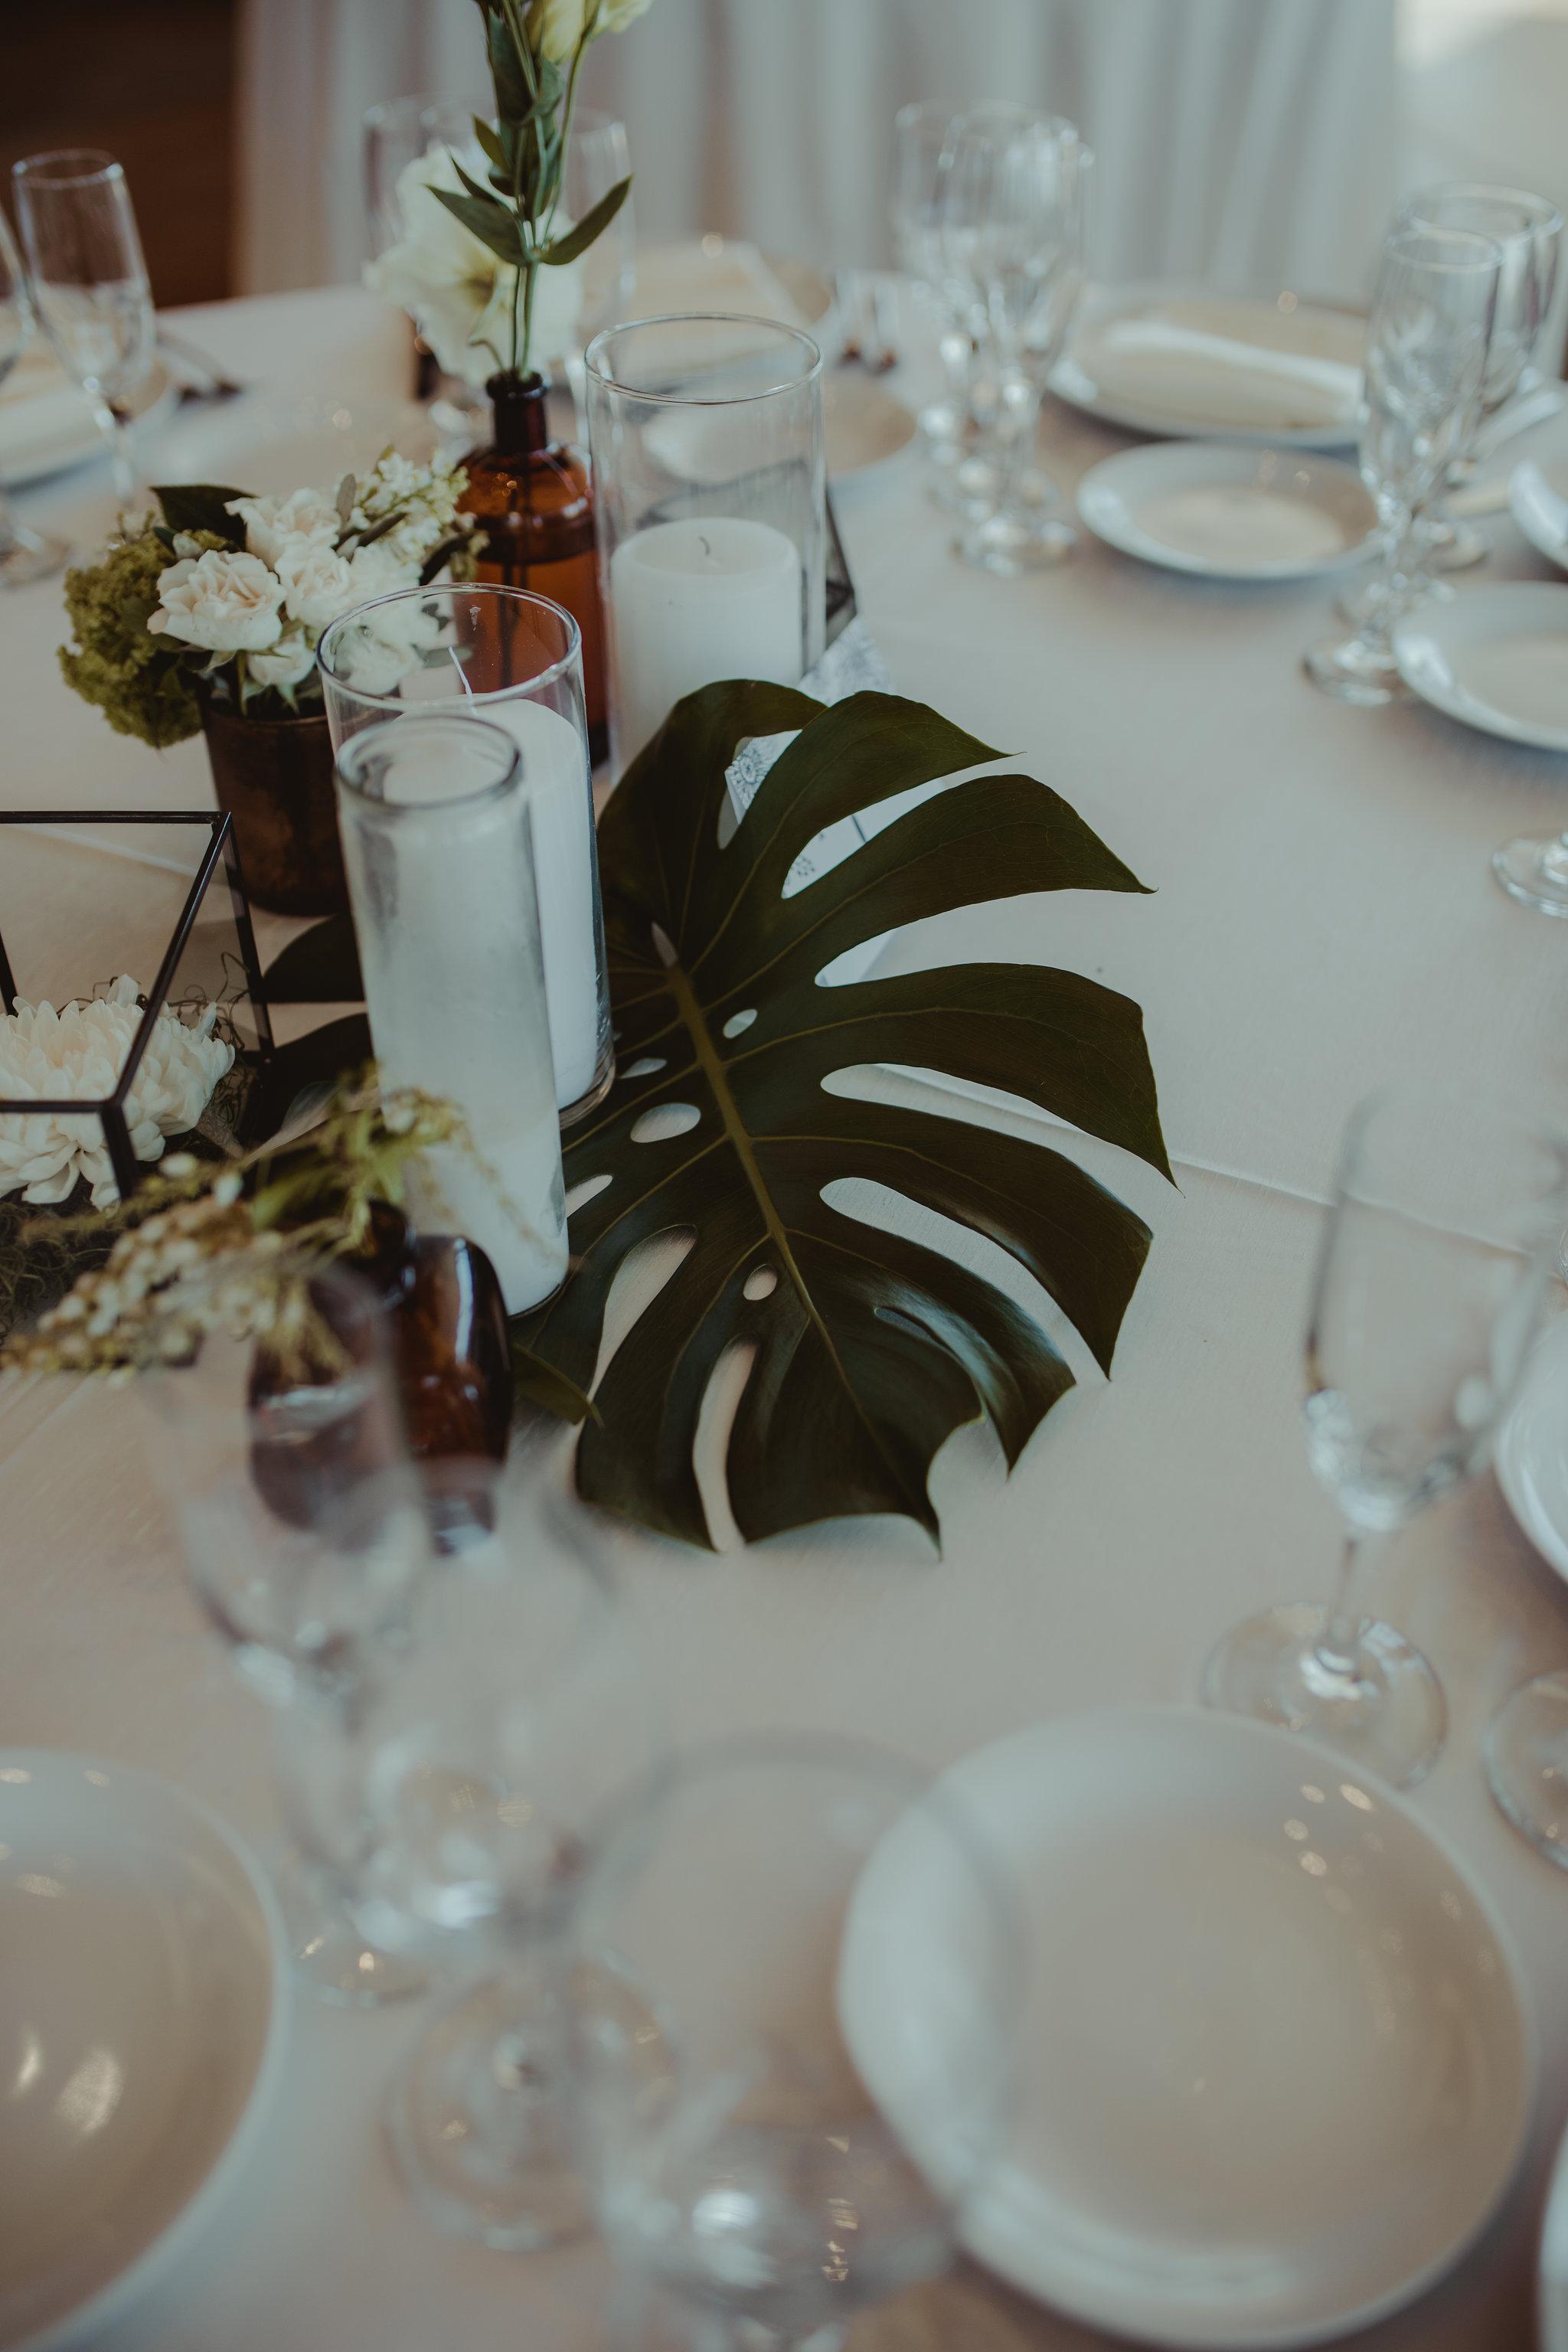 lolo-and-noa-la-jolla-wedding-scripps-blooms-by-breesa-lee-12.jpg